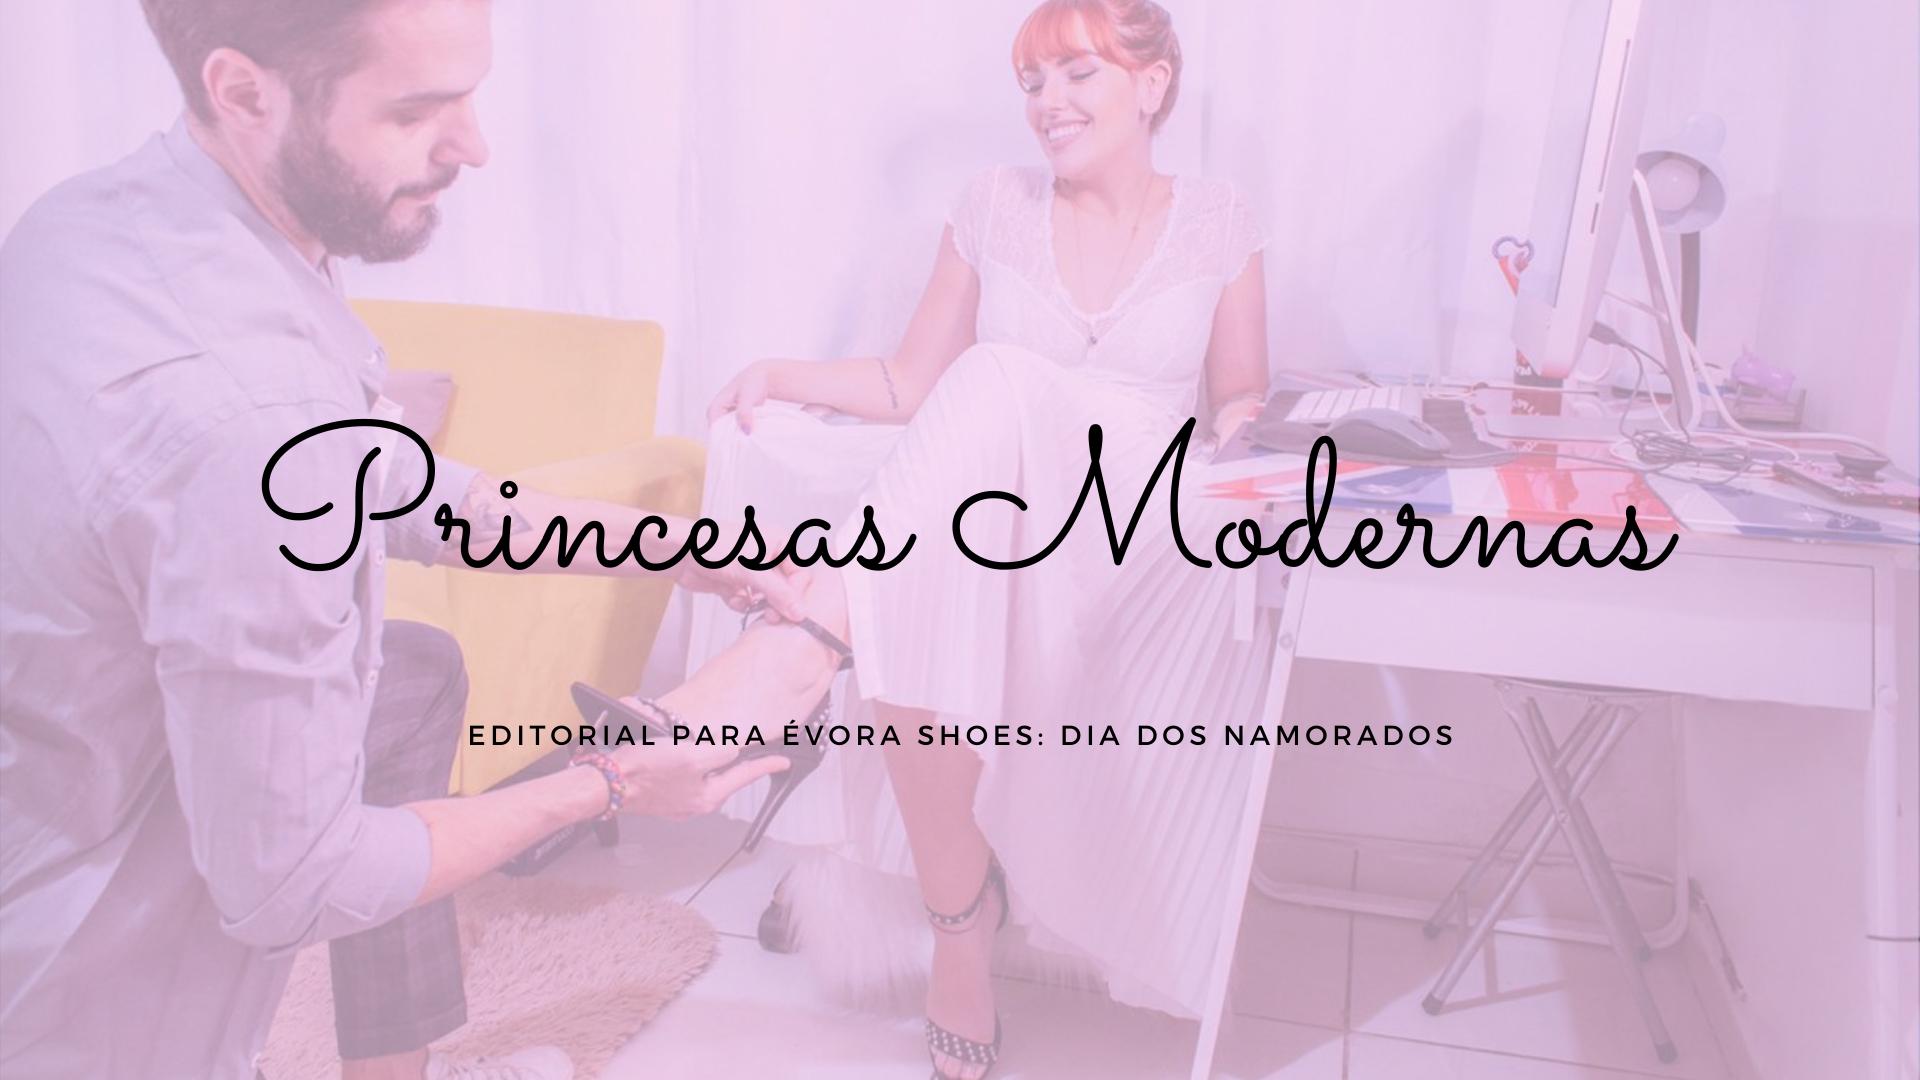 sapatos | evora shoes | moda 2020 | sapatos delivery | compras delivery | moda sapatos | princesas disney | princesas da disney modernas